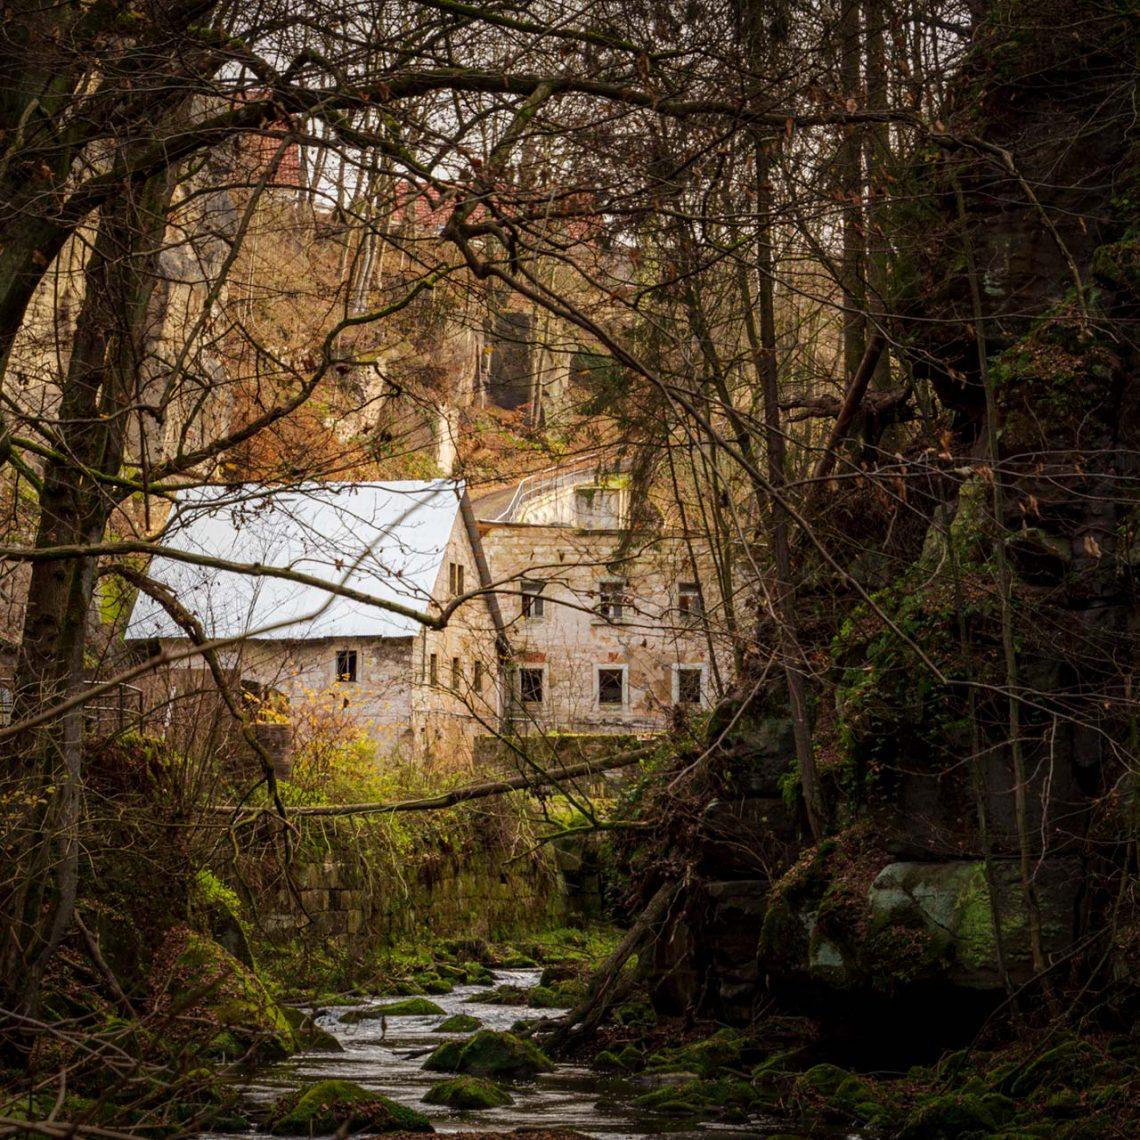 An der Lochmühle im Liebethaler Grund – Malerweg, Etappe 1